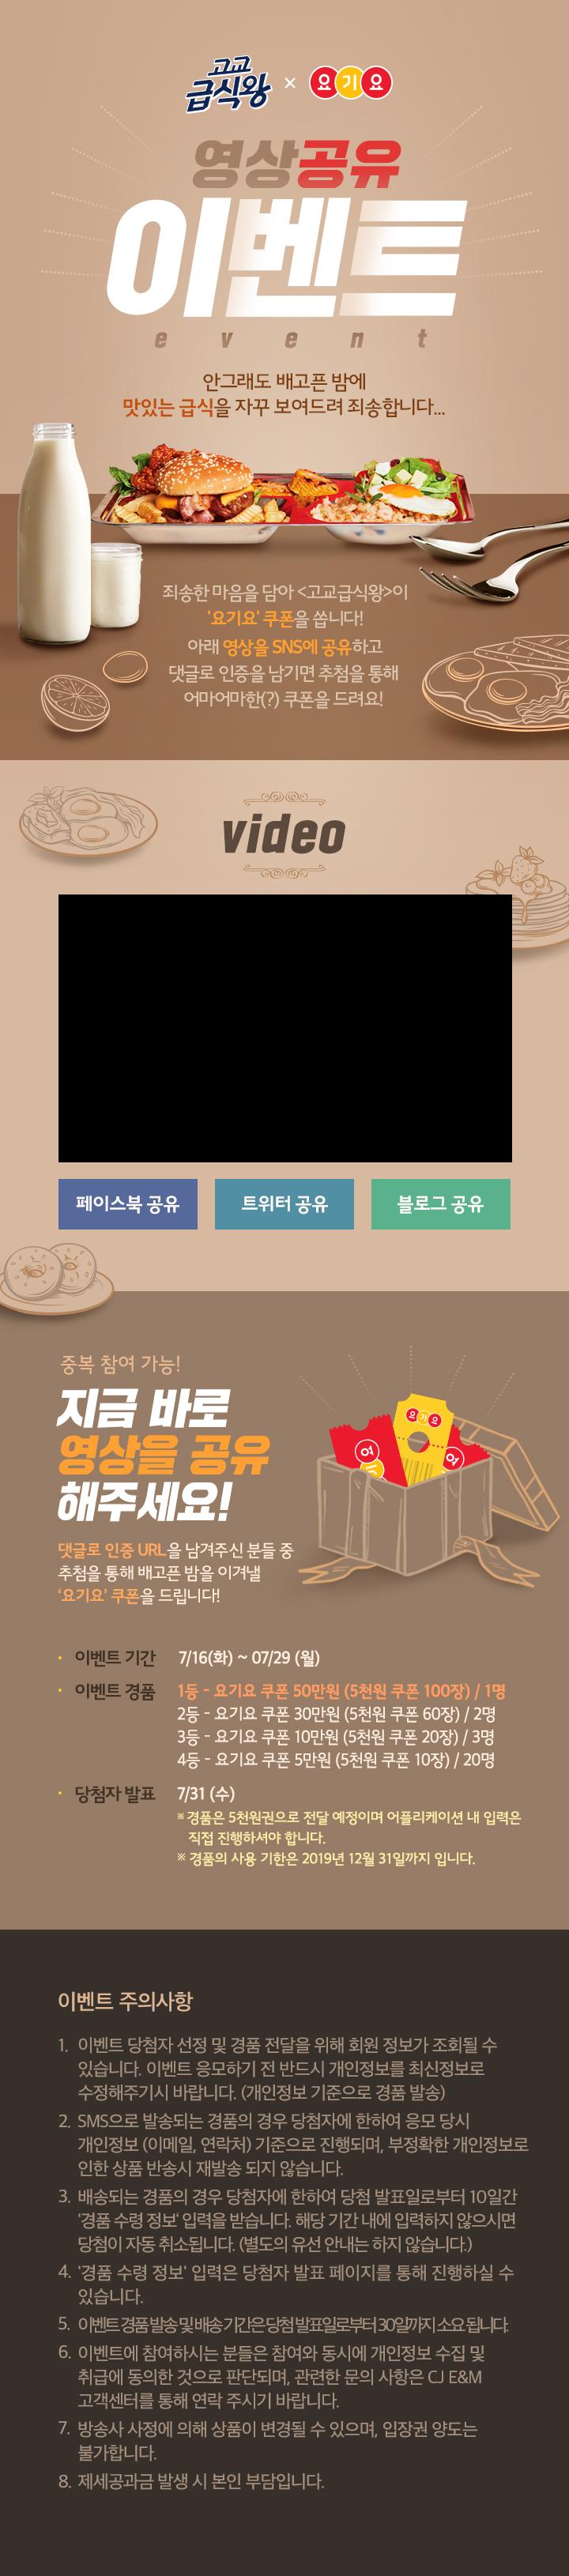 [고교급식왕] X 요기요 영상 공유 이벤트